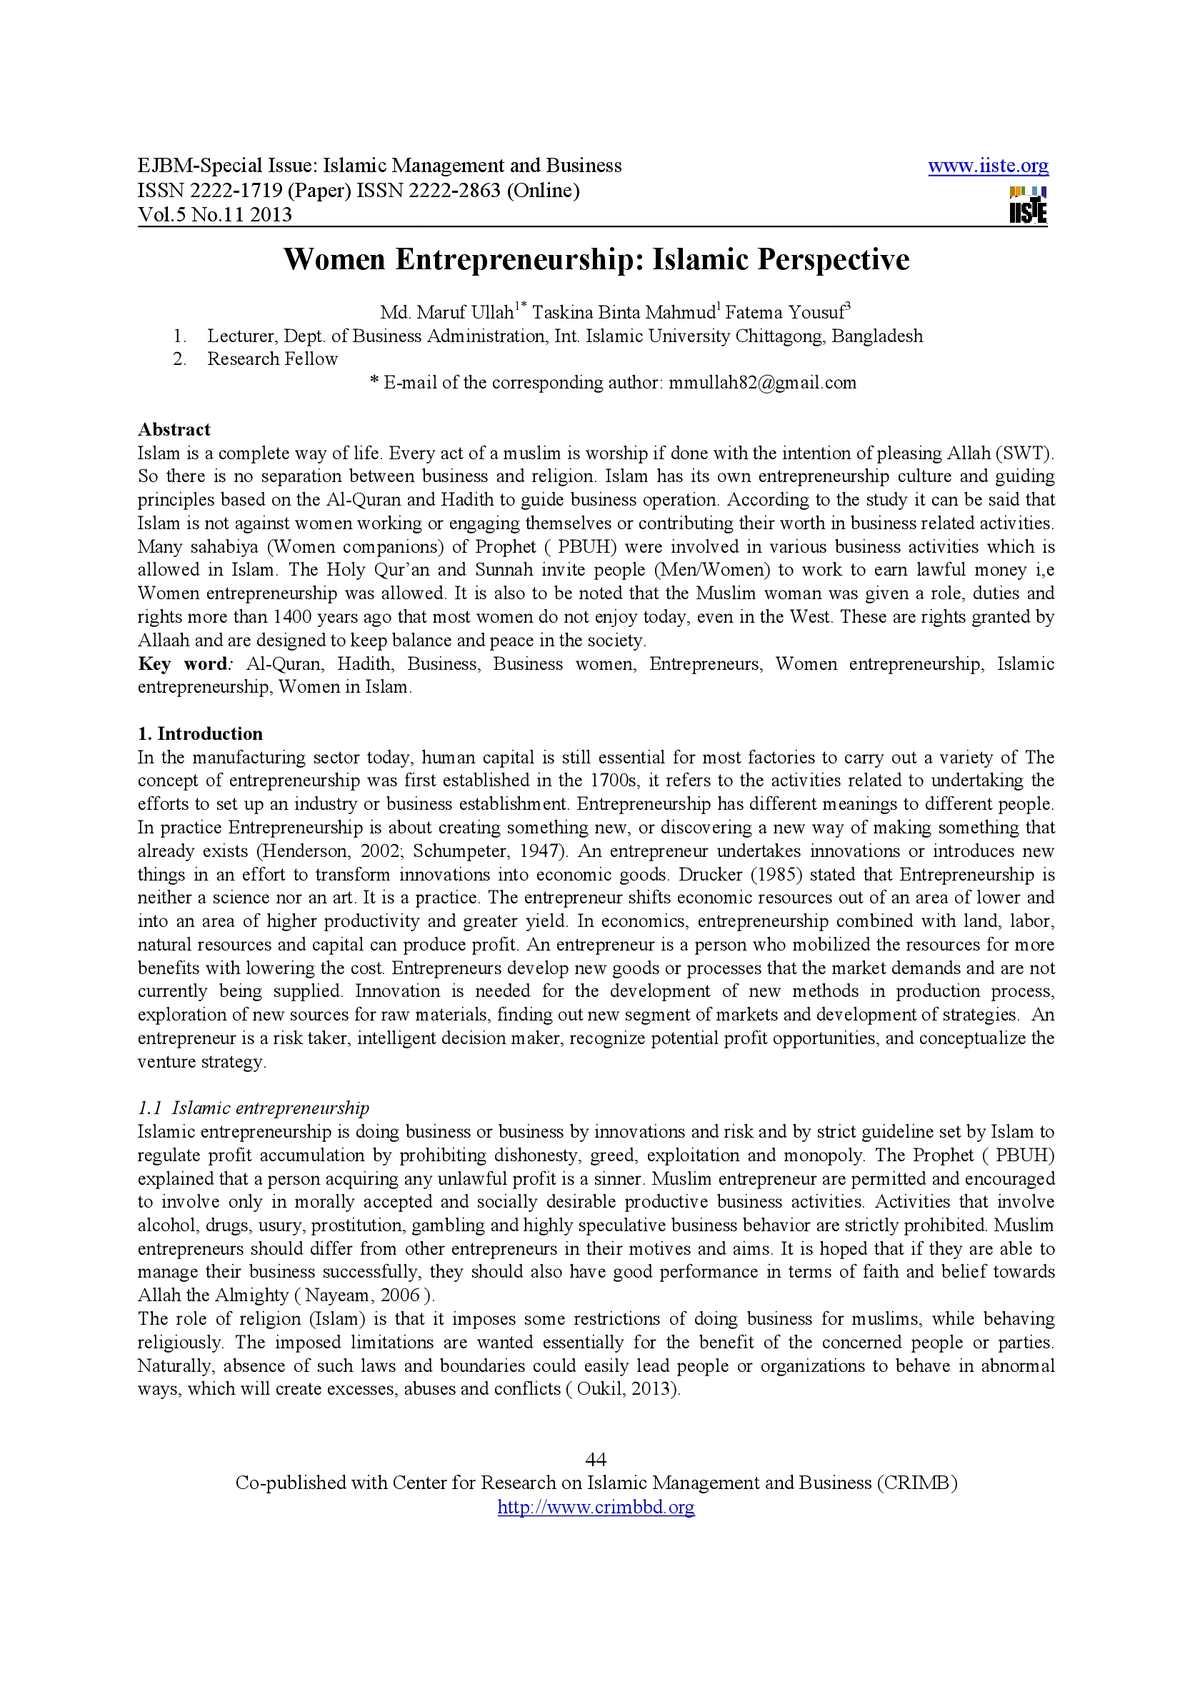 Research Proposal on Women Entrepreneurship